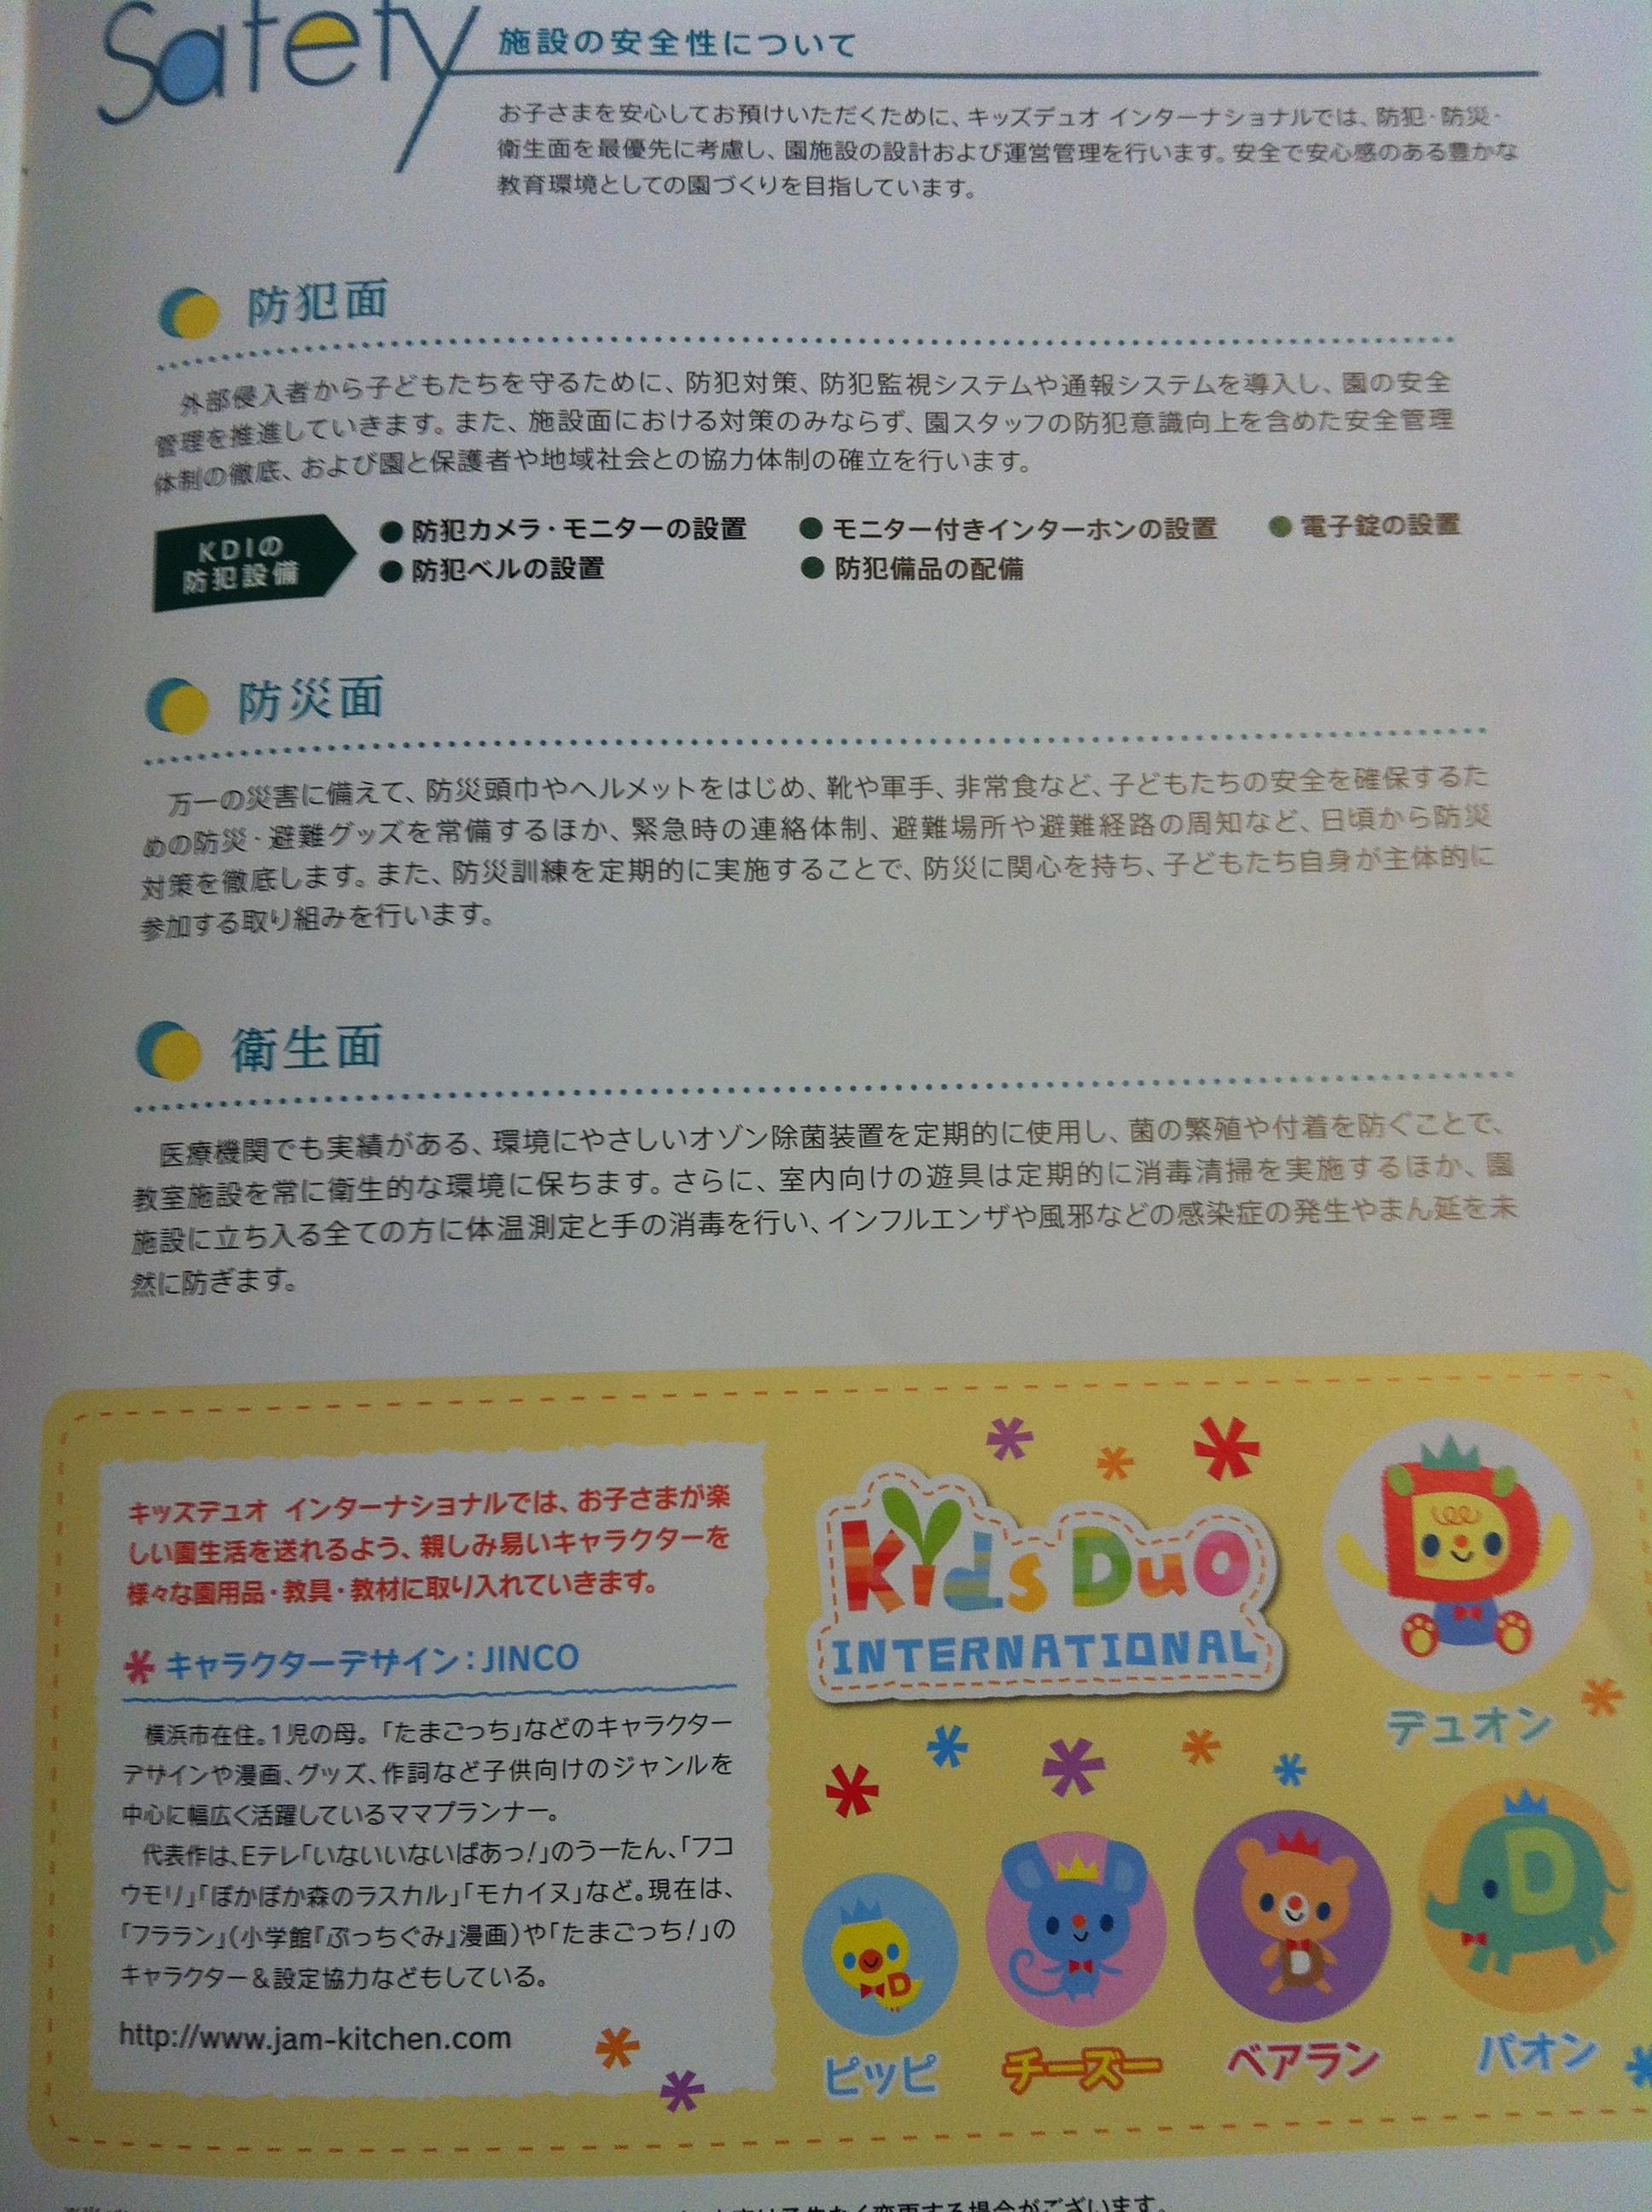 キッズデュオ(kids duo)の説明会で配られたパンフレット20ページ目の画像キャプチャ